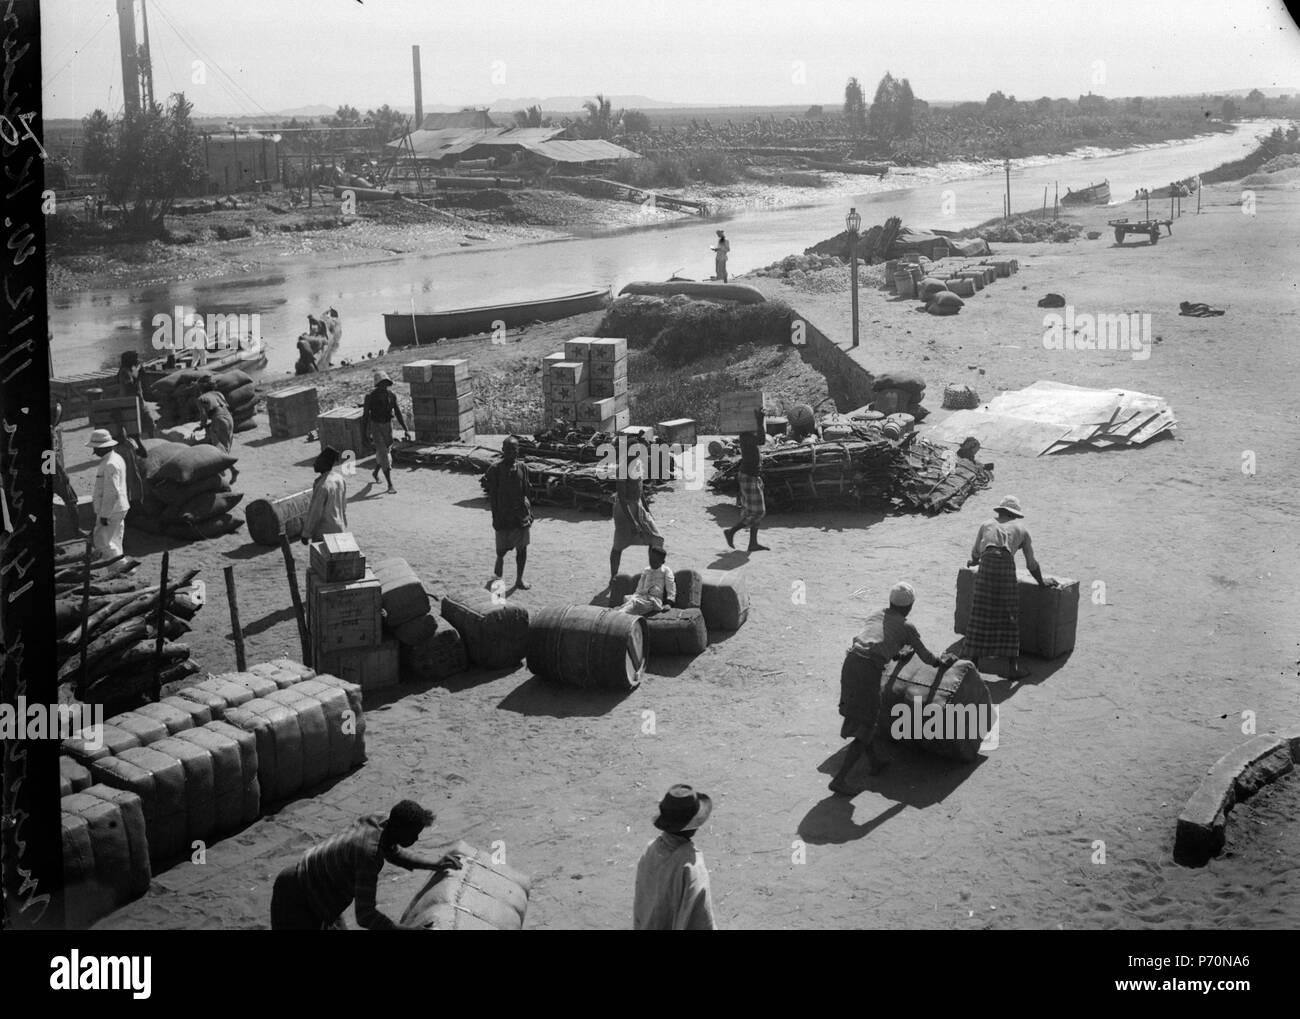 16 Hamnen med varor och arbetare. Datum, 14 juni 1912. Ort, Marovoay, Madagaskar. Marovoay - SMVK - 021785 Stock Photo